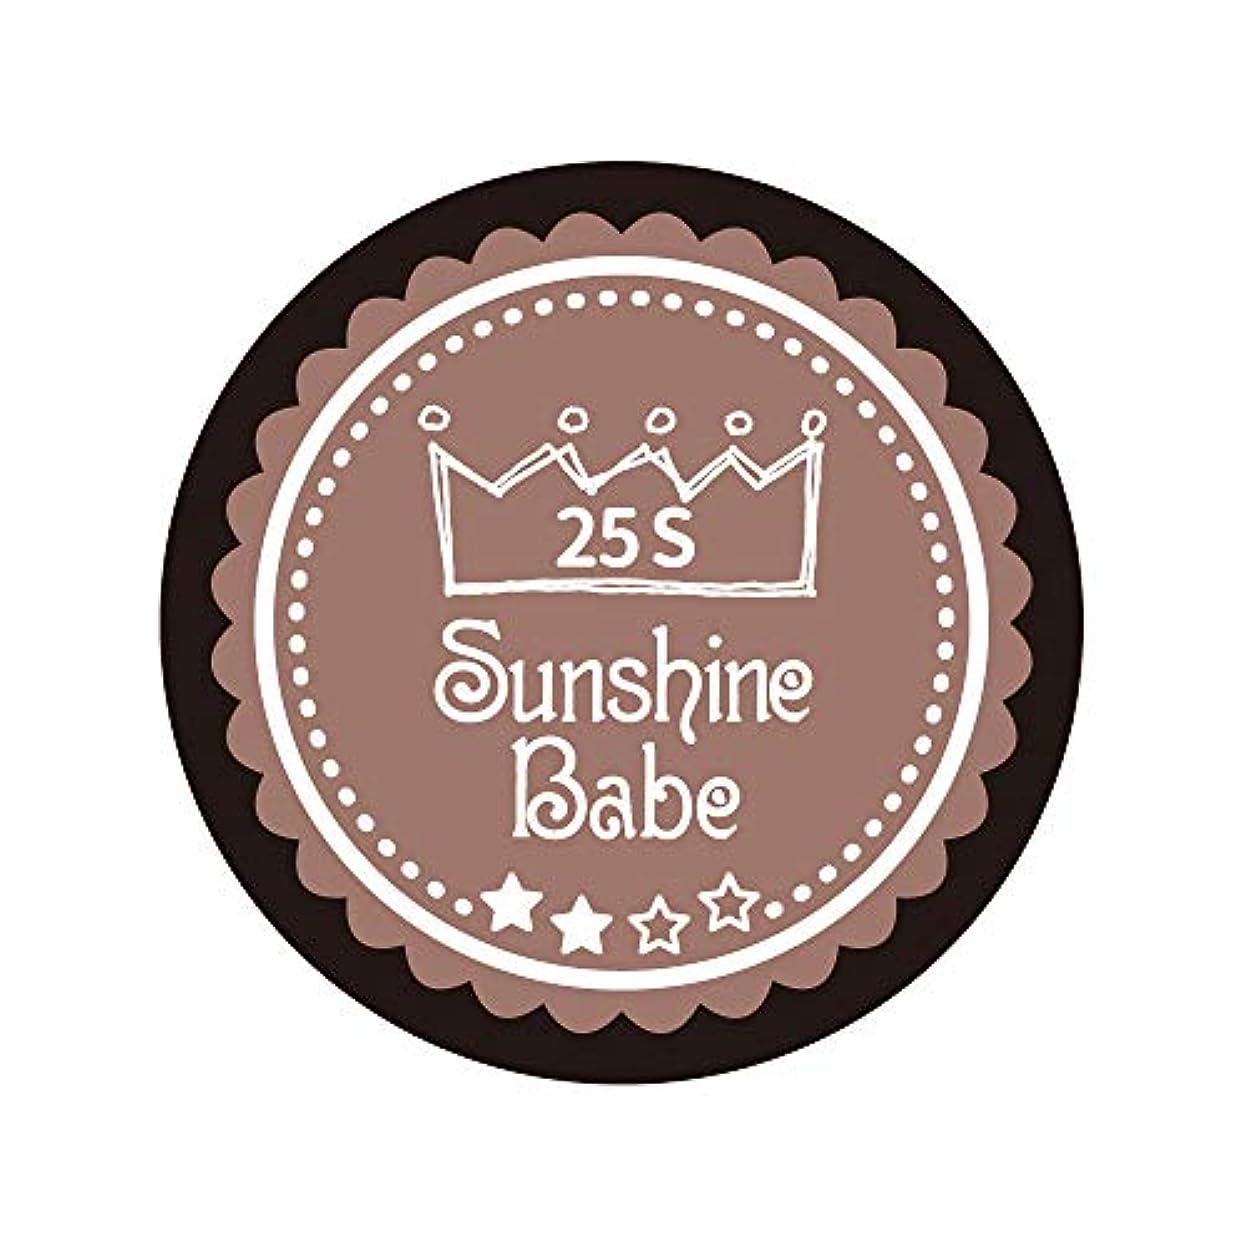 ヒューマニスティック思いつくホームSunshine Babe カラージェル 25S ミルキーココア 2.7g UV/LED対応